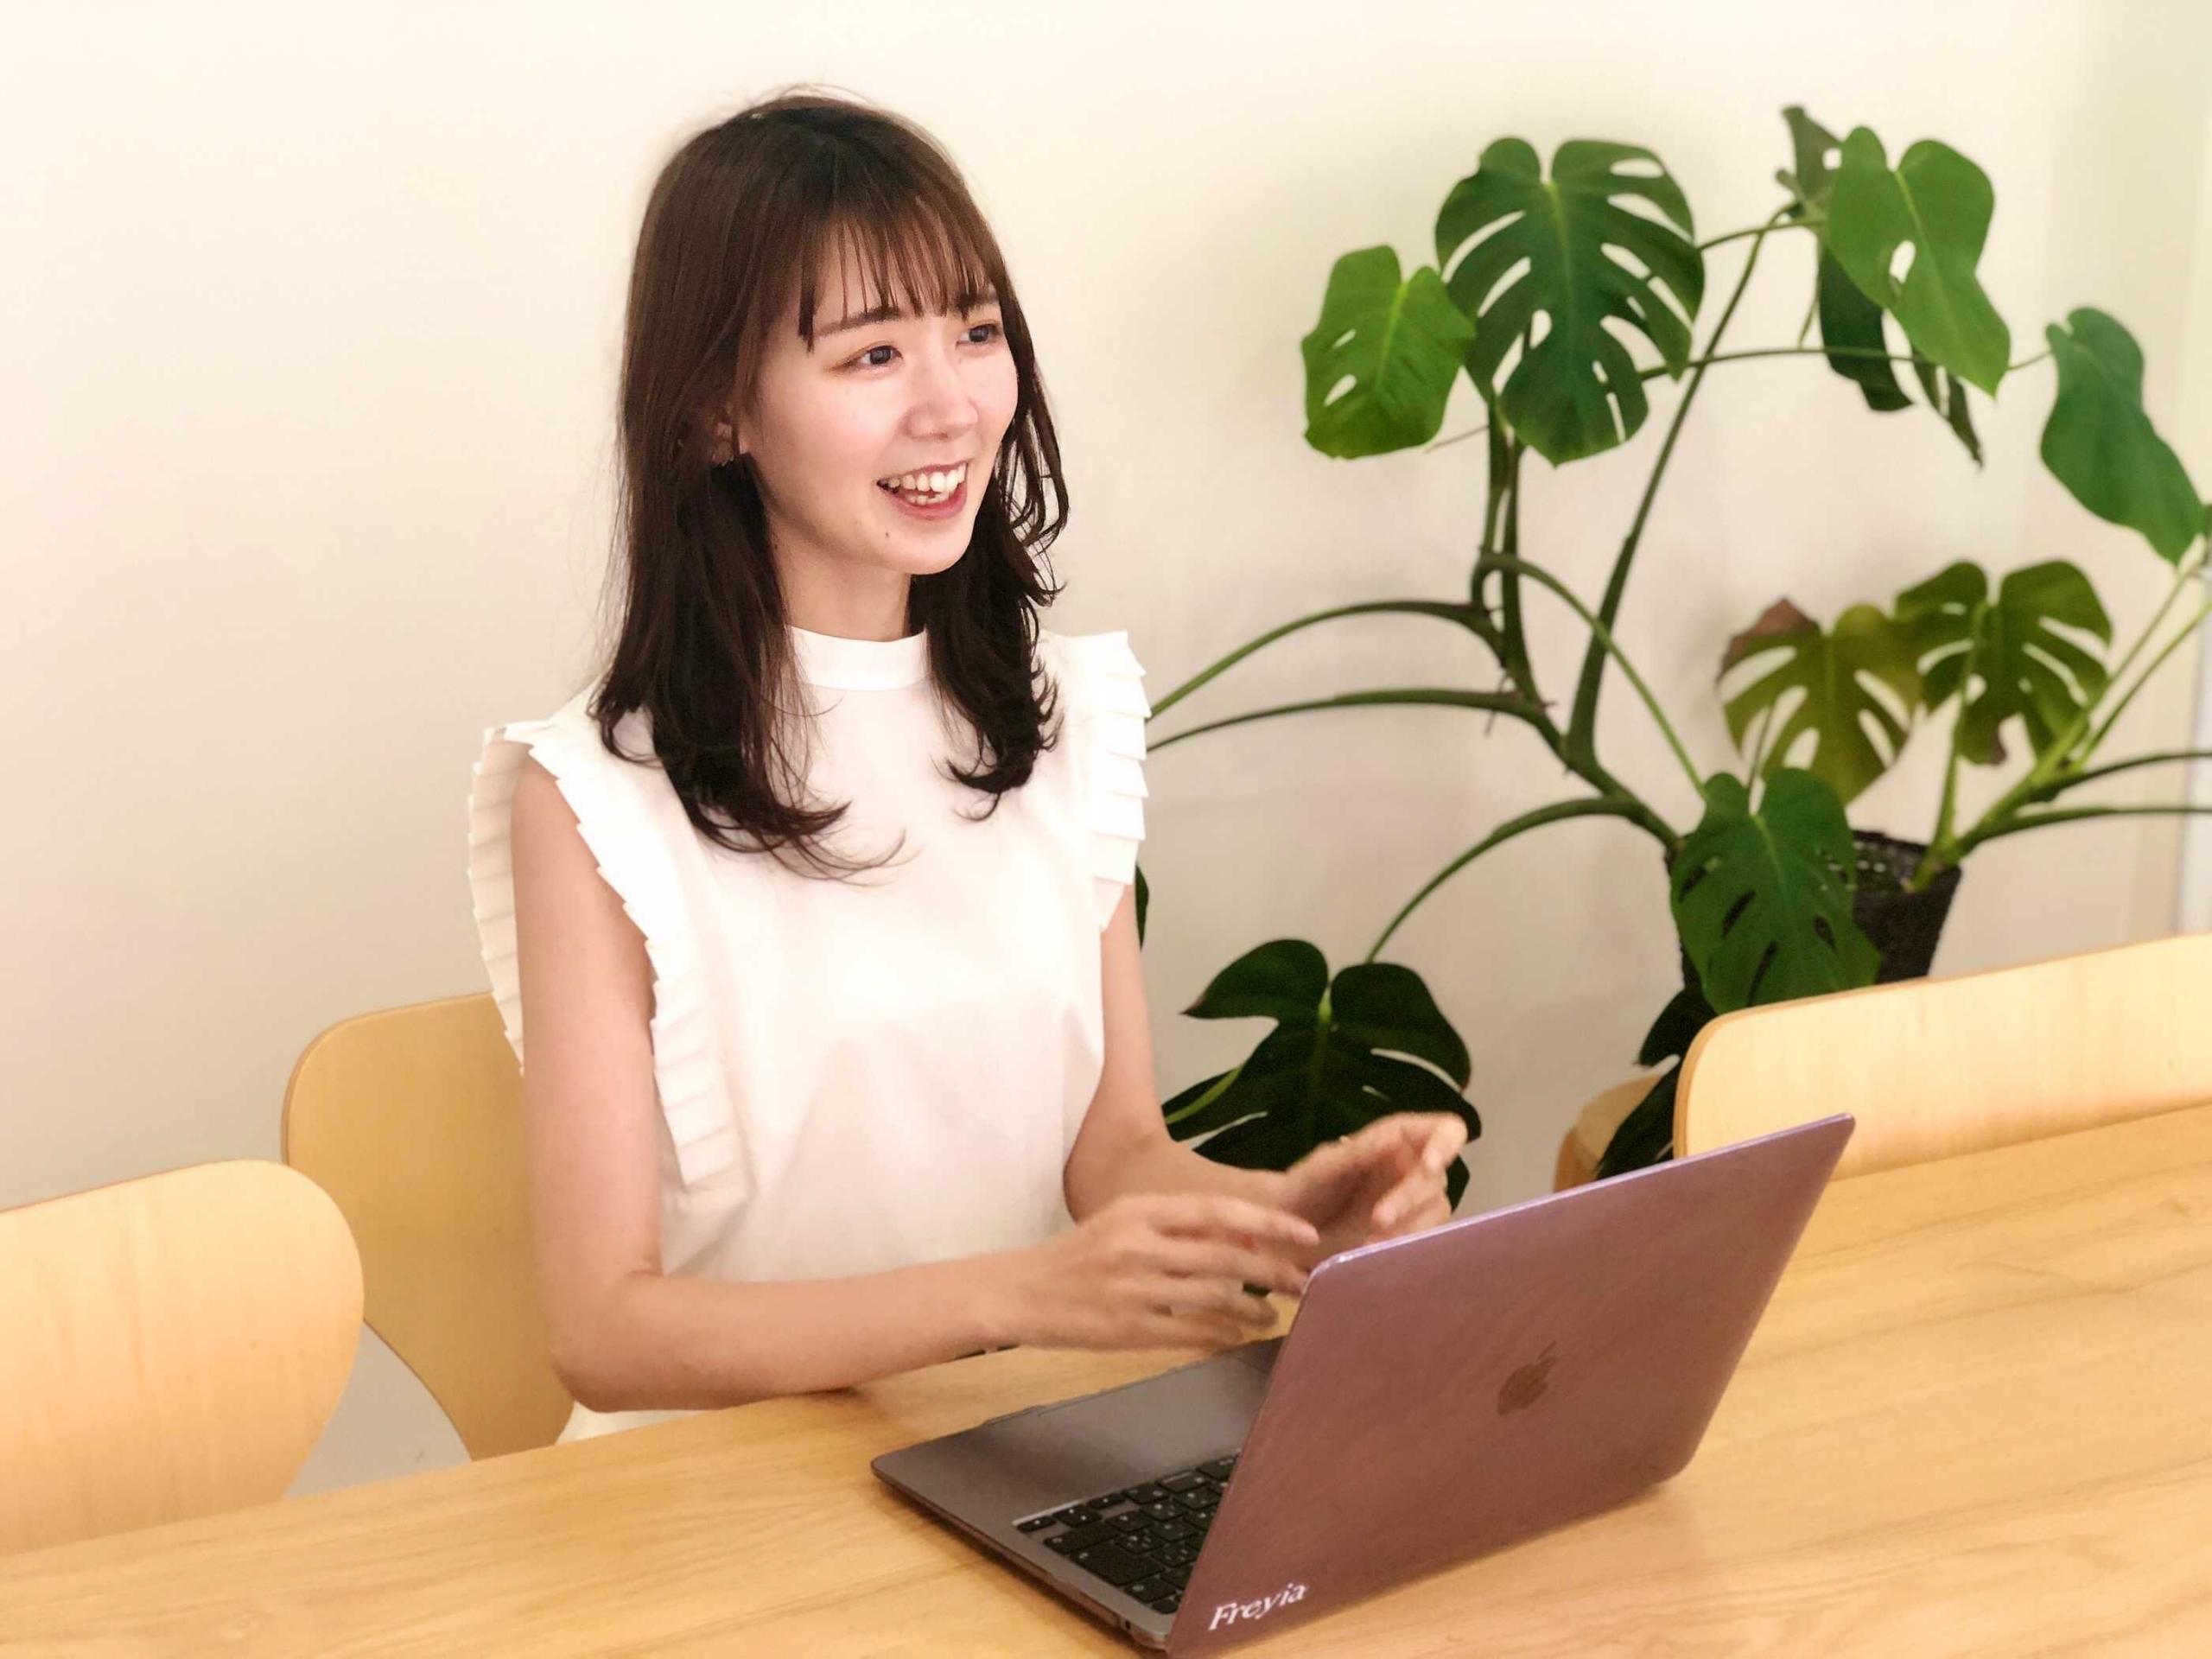 4社を経験→モデルと広報のパラキャリを満喫する斉藤マリナさんの「自分の幸せと向き合う」思考法